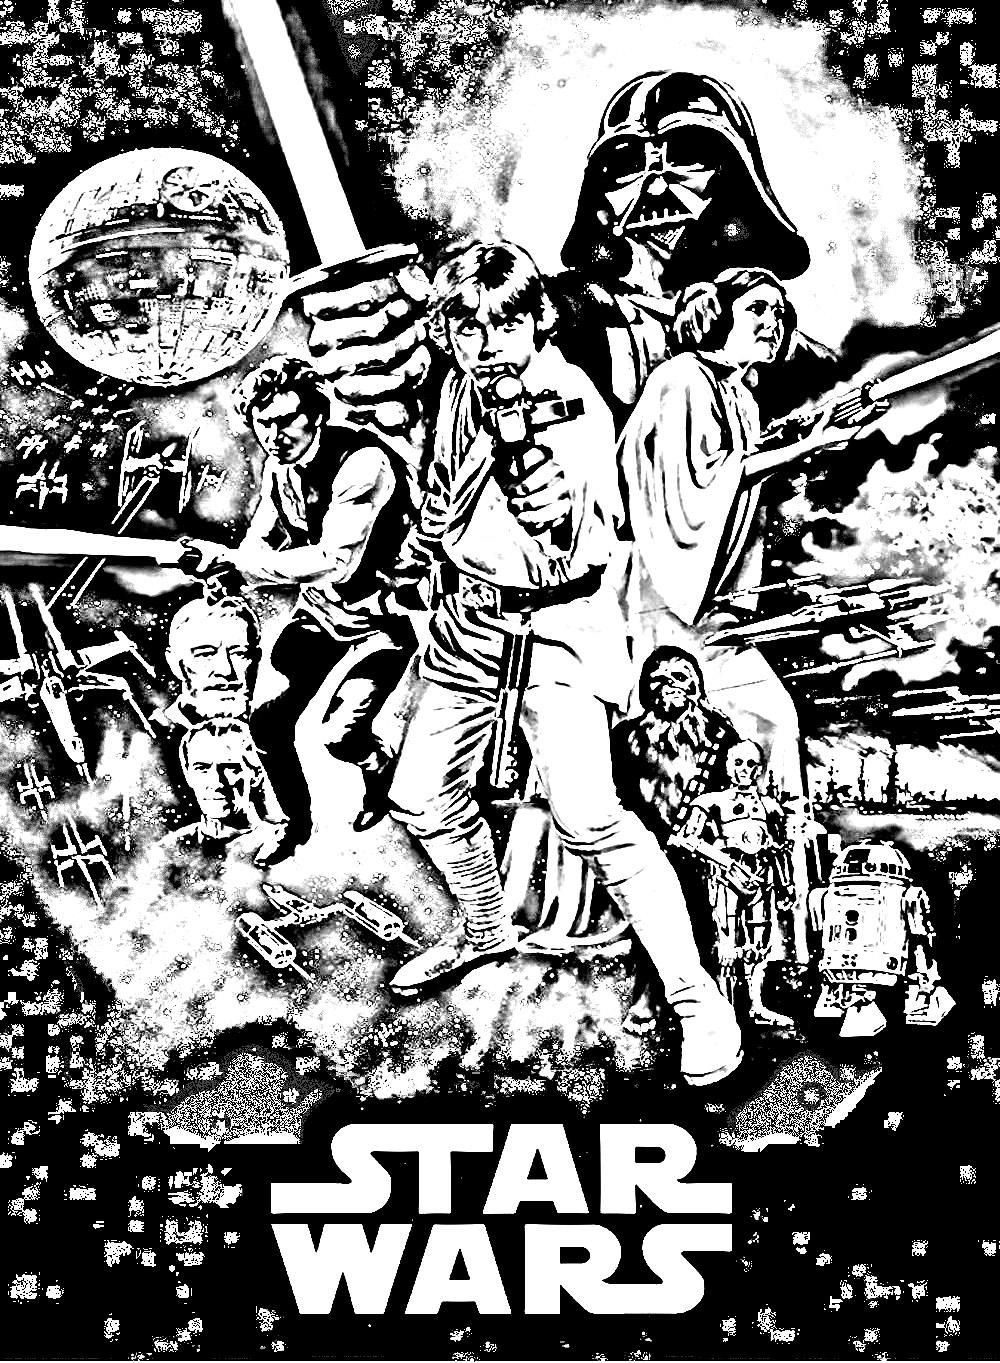 Film star wars episode 4 - Films célèbres - Coloriages ...